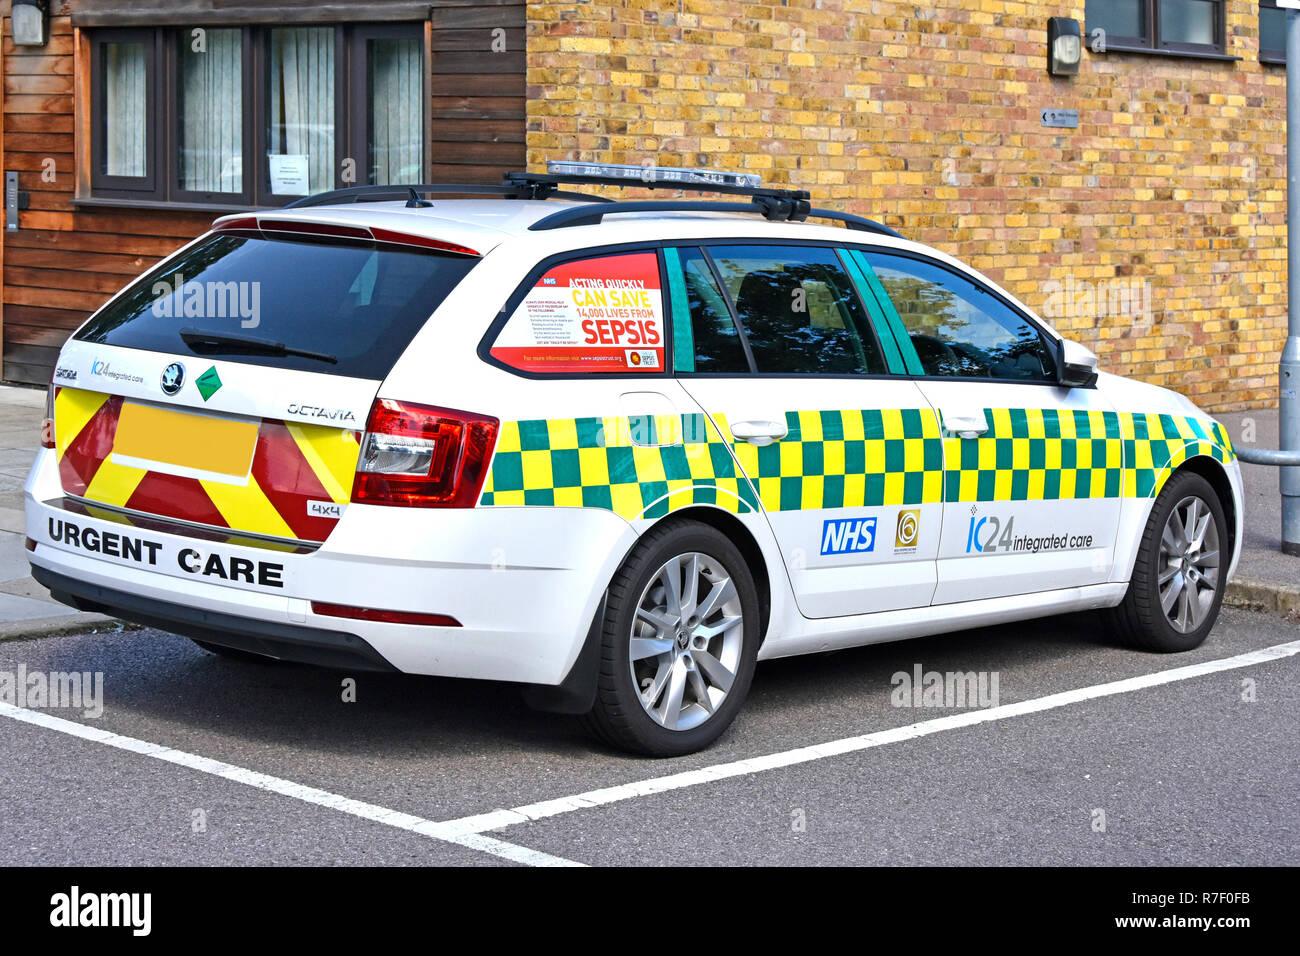 Healthcare Bewußtsein Plakat werbung promotion Retten von Sepsis NHS geparkt Ärzte auto Fenster in National Health Service Krankenhaus England Großbritannien Stockfoto